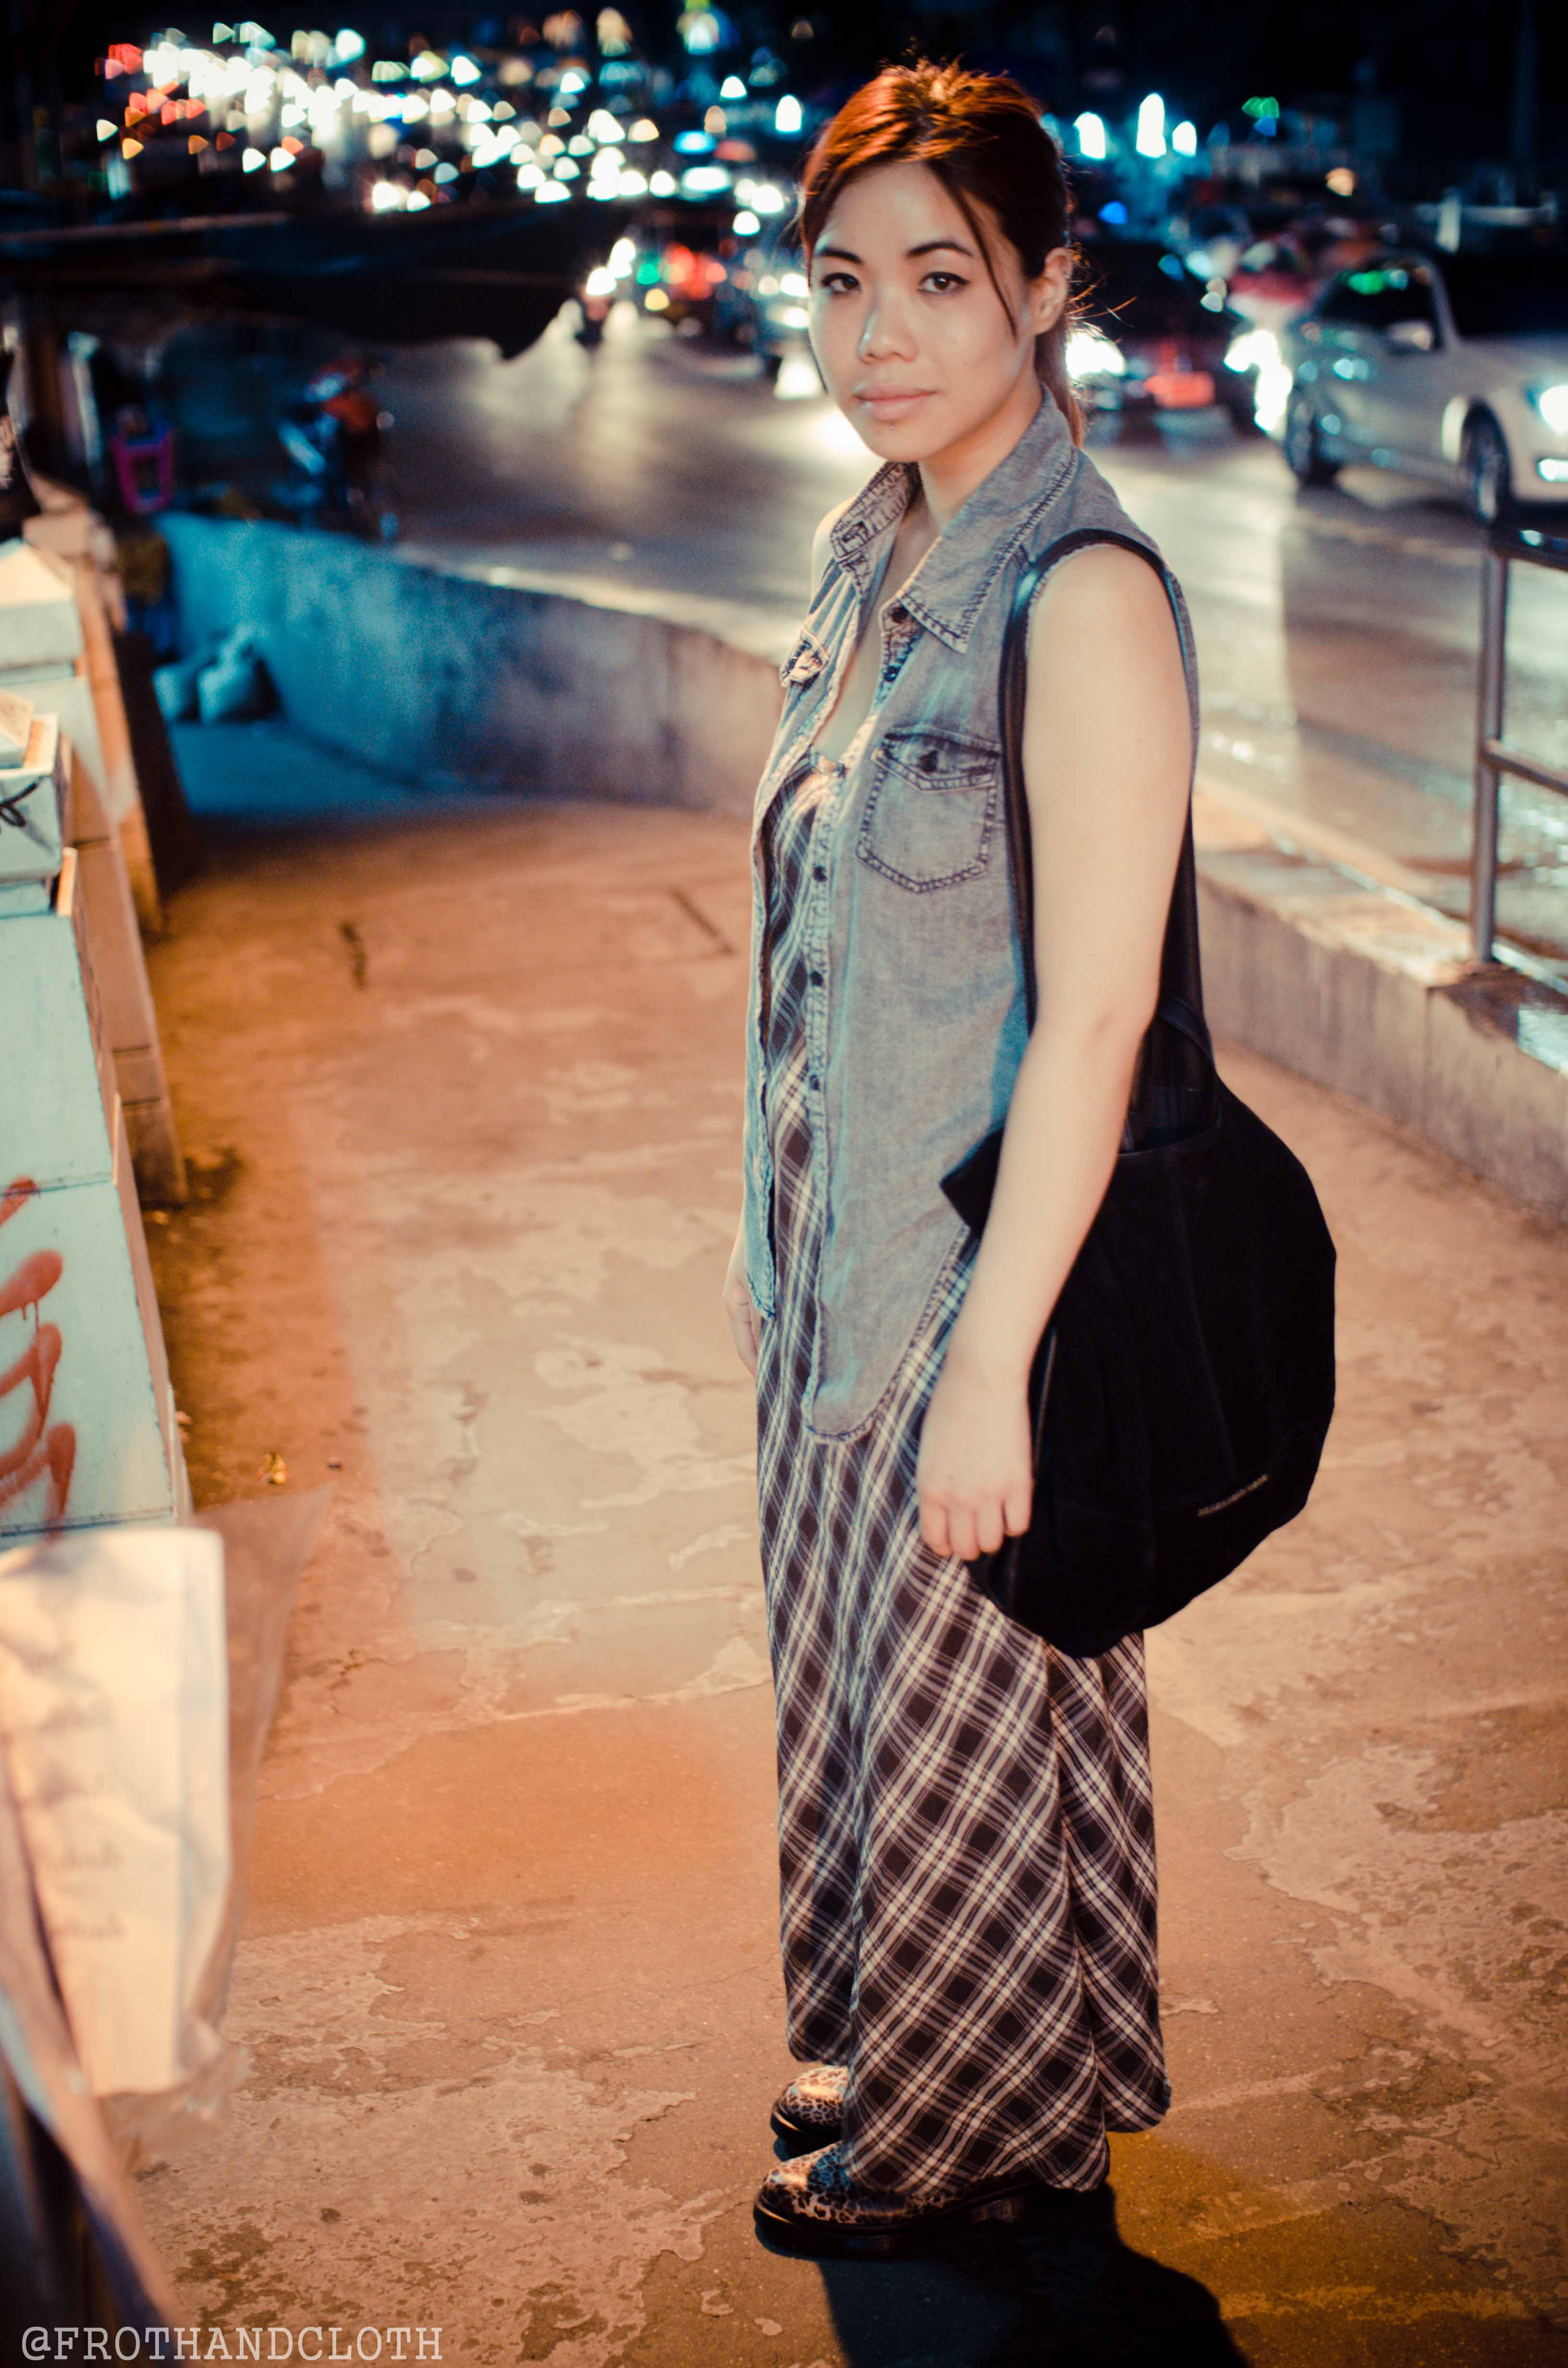 Bangkok FrothandCloth